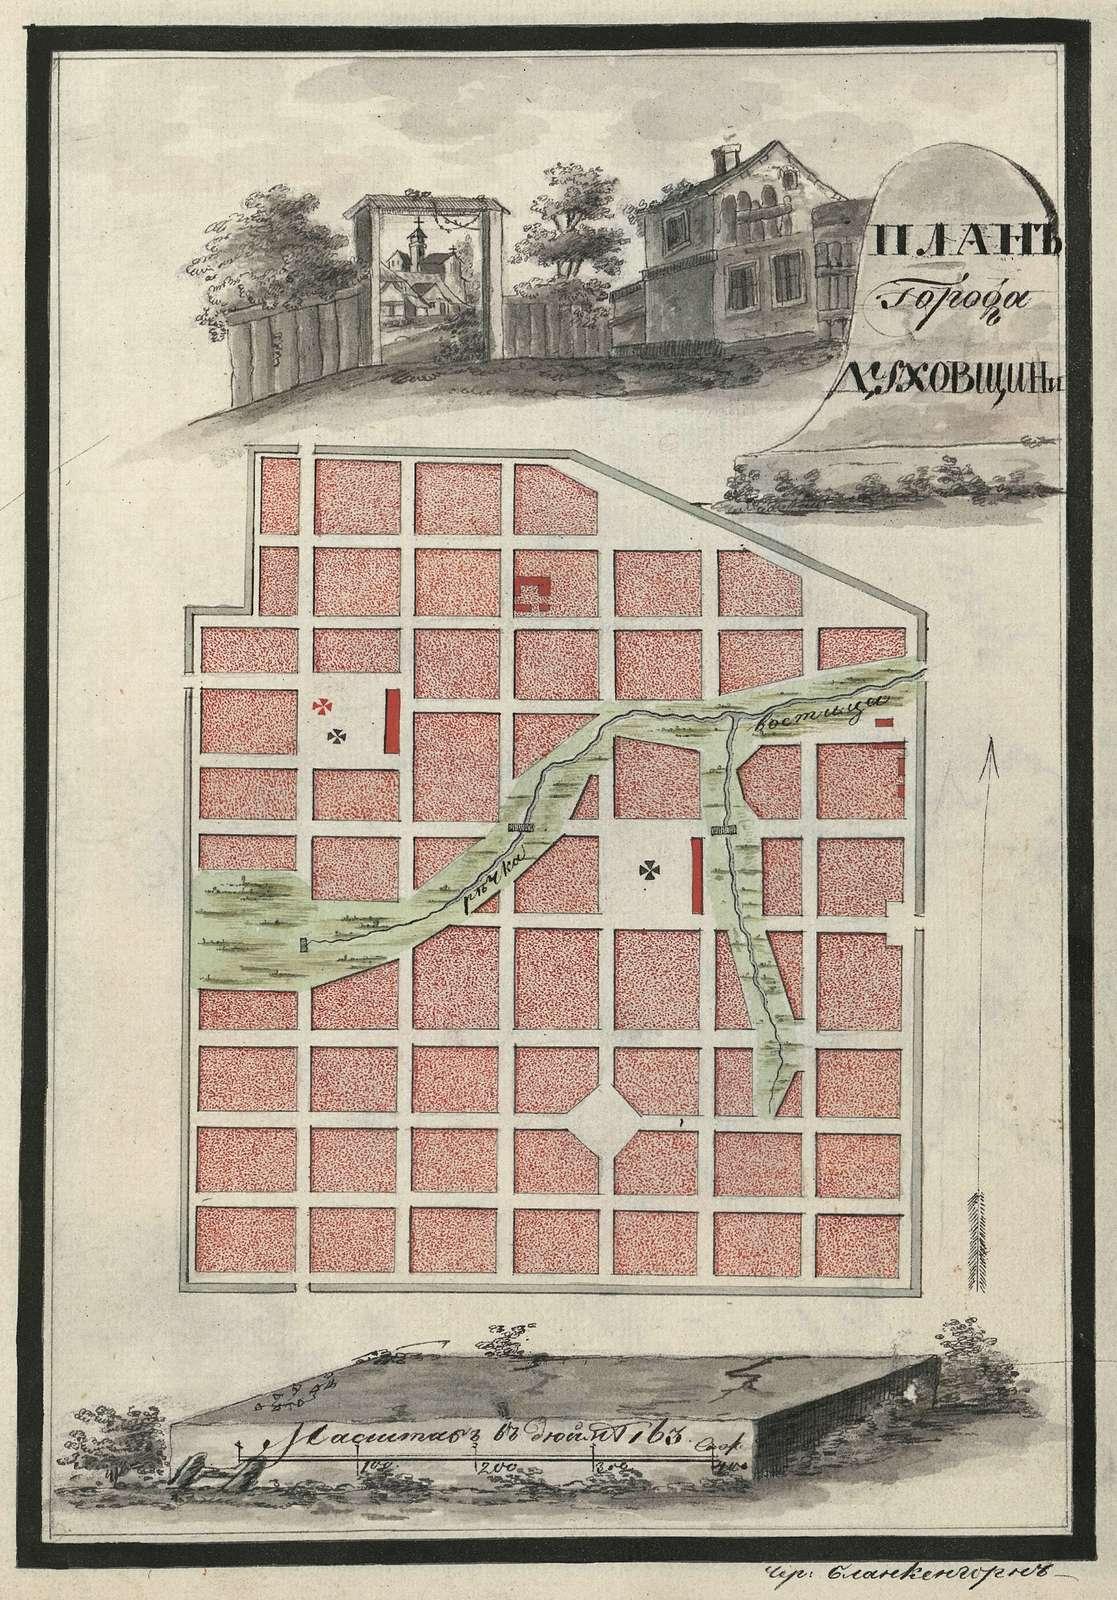 Dukhovshchina map.